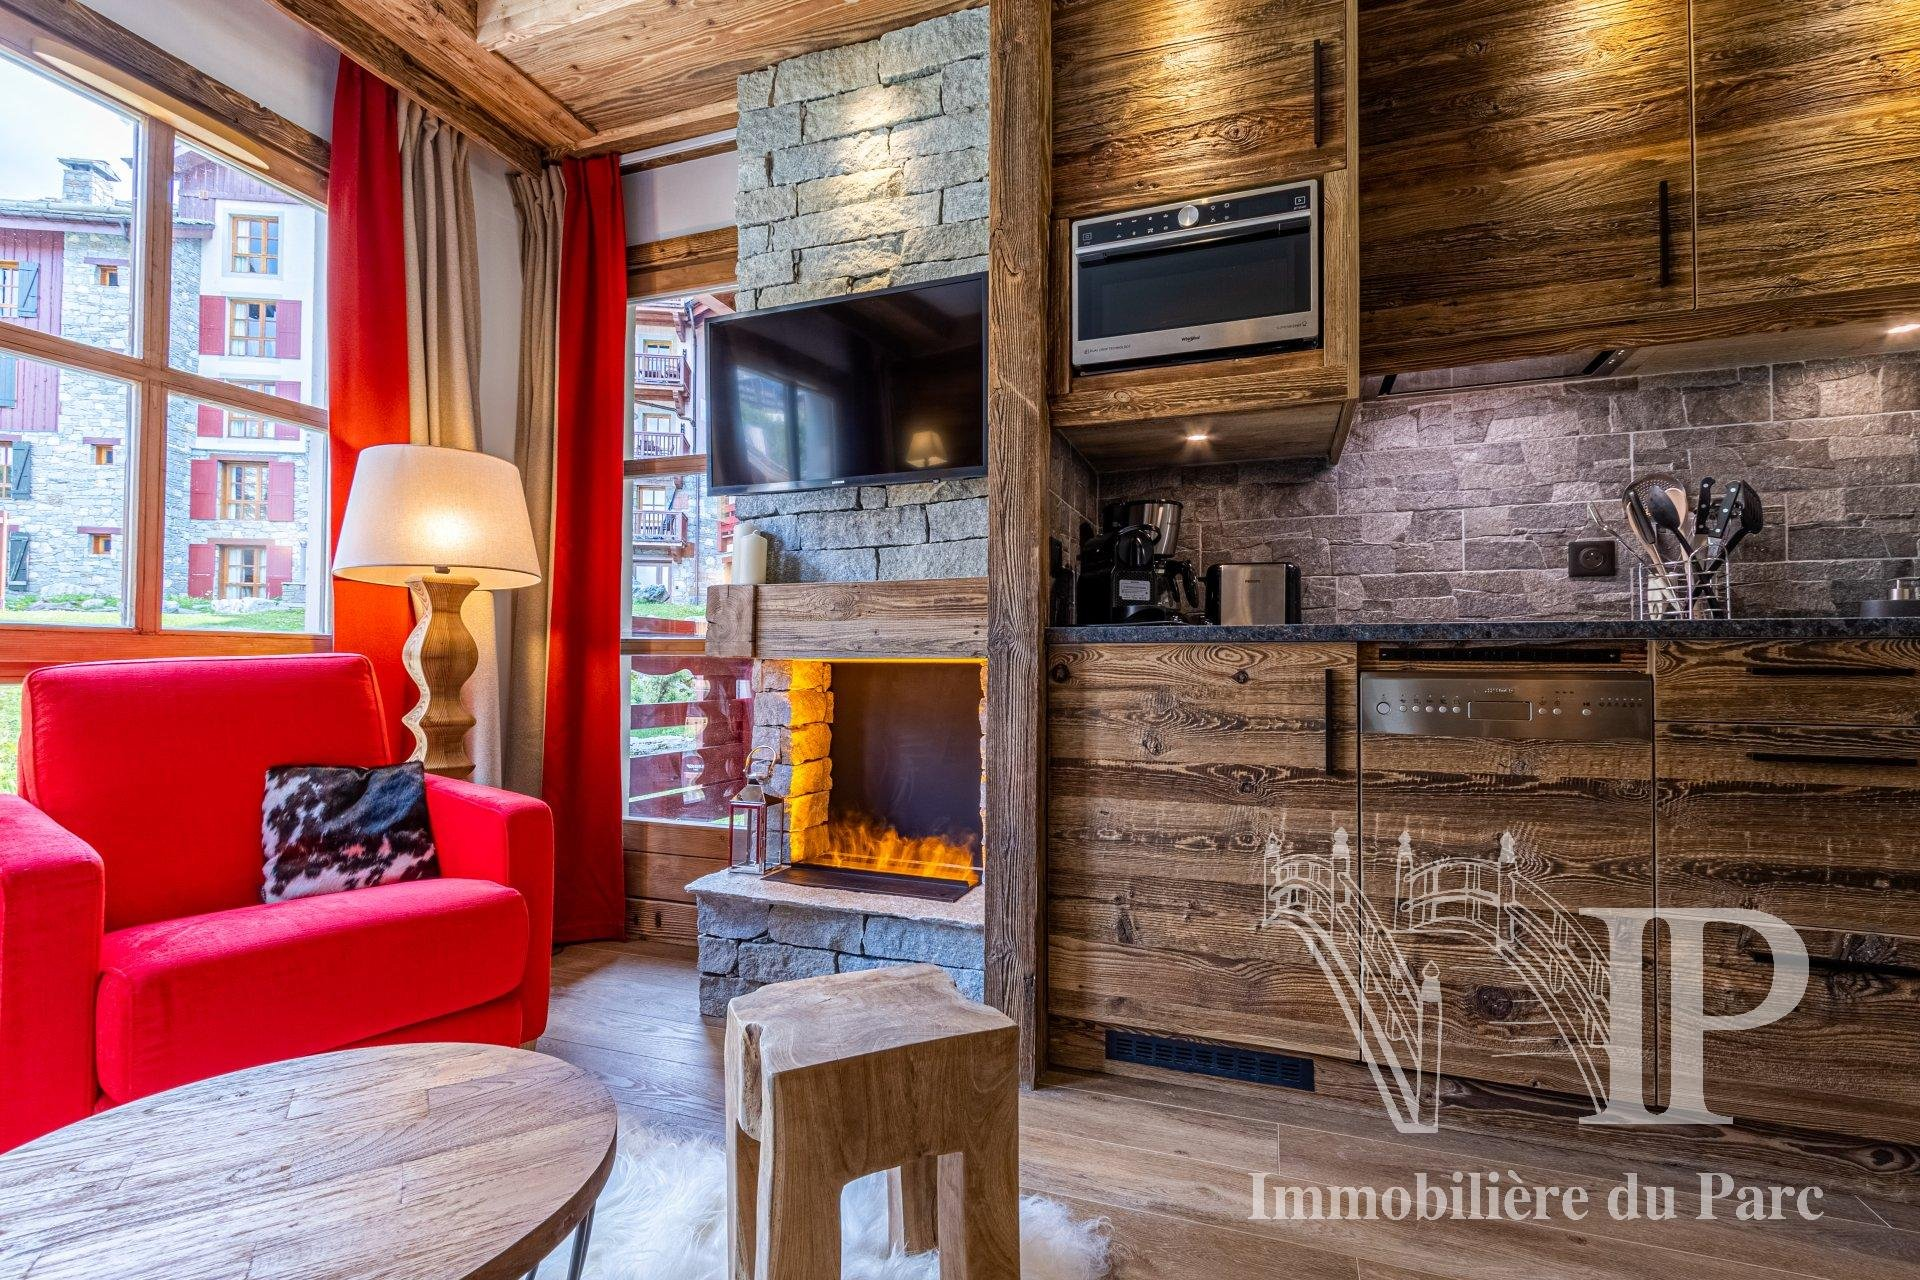 Location saisonnière Appartement - Les Arcs